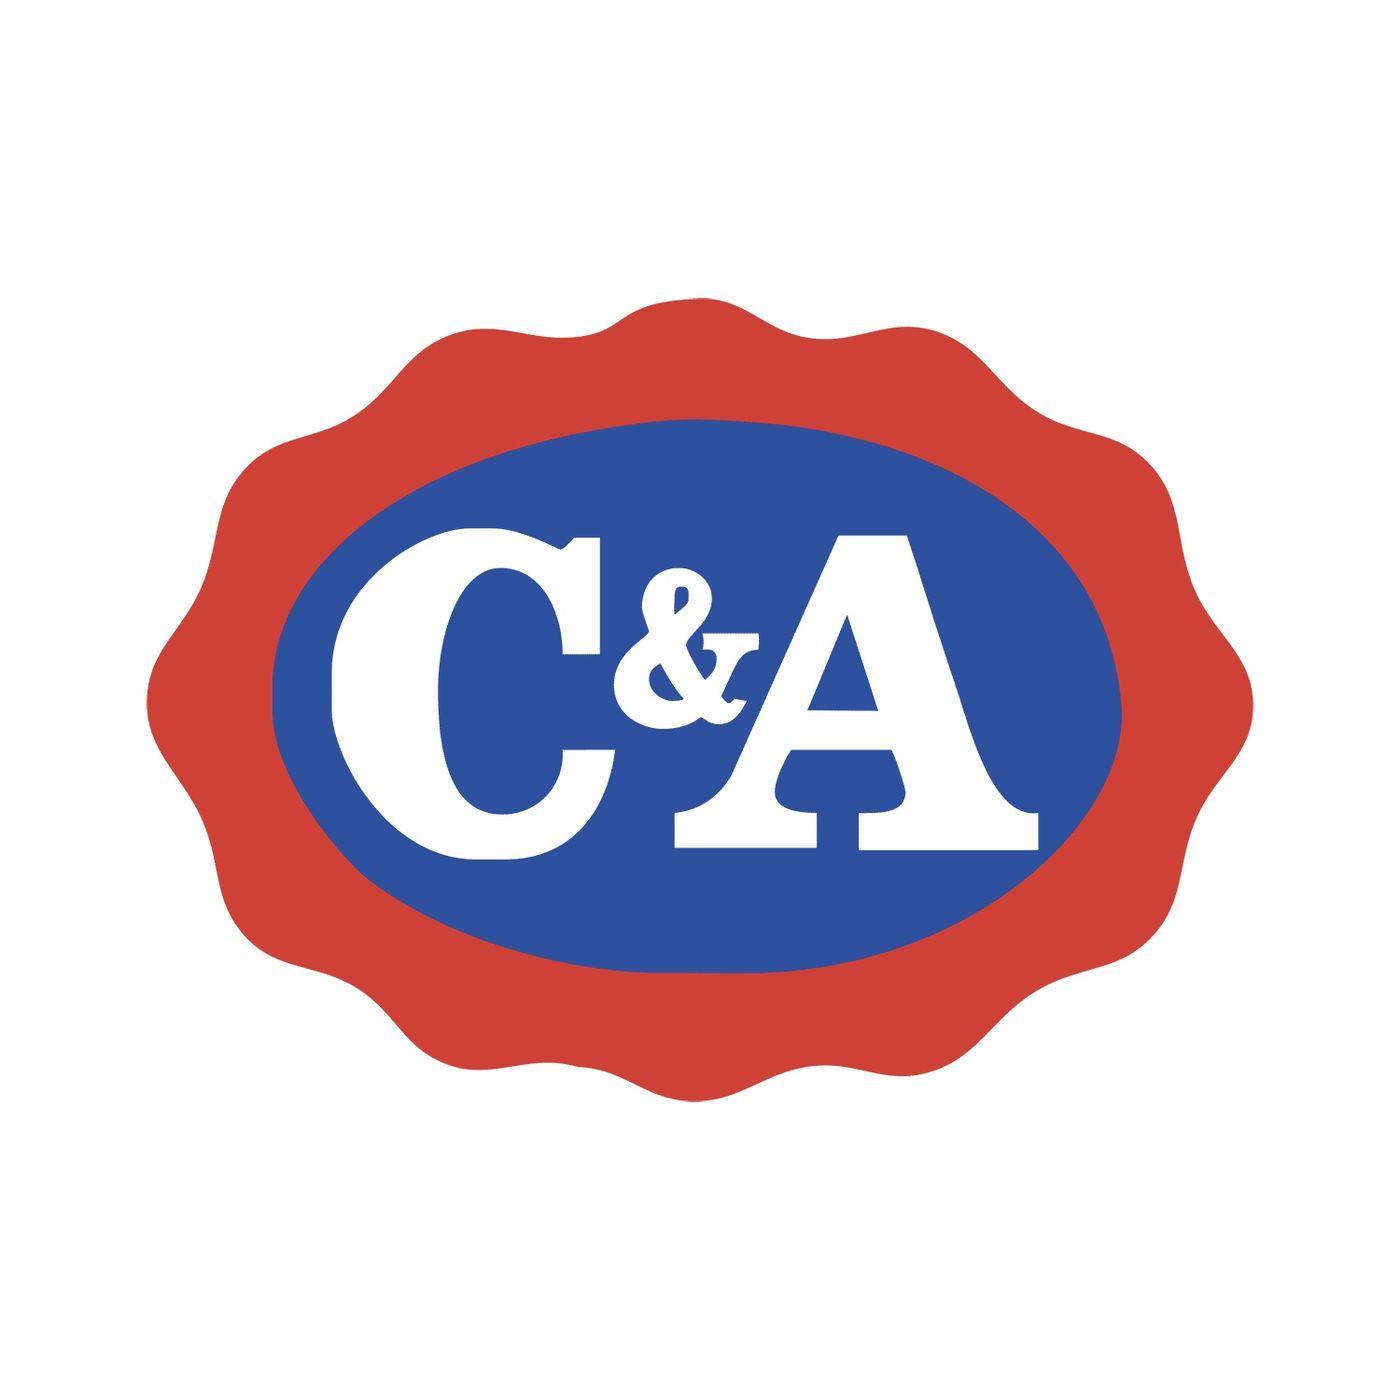 Teleconferência do Resultado C&A (CEAB3) 4 trimestre 2019 - 4t19